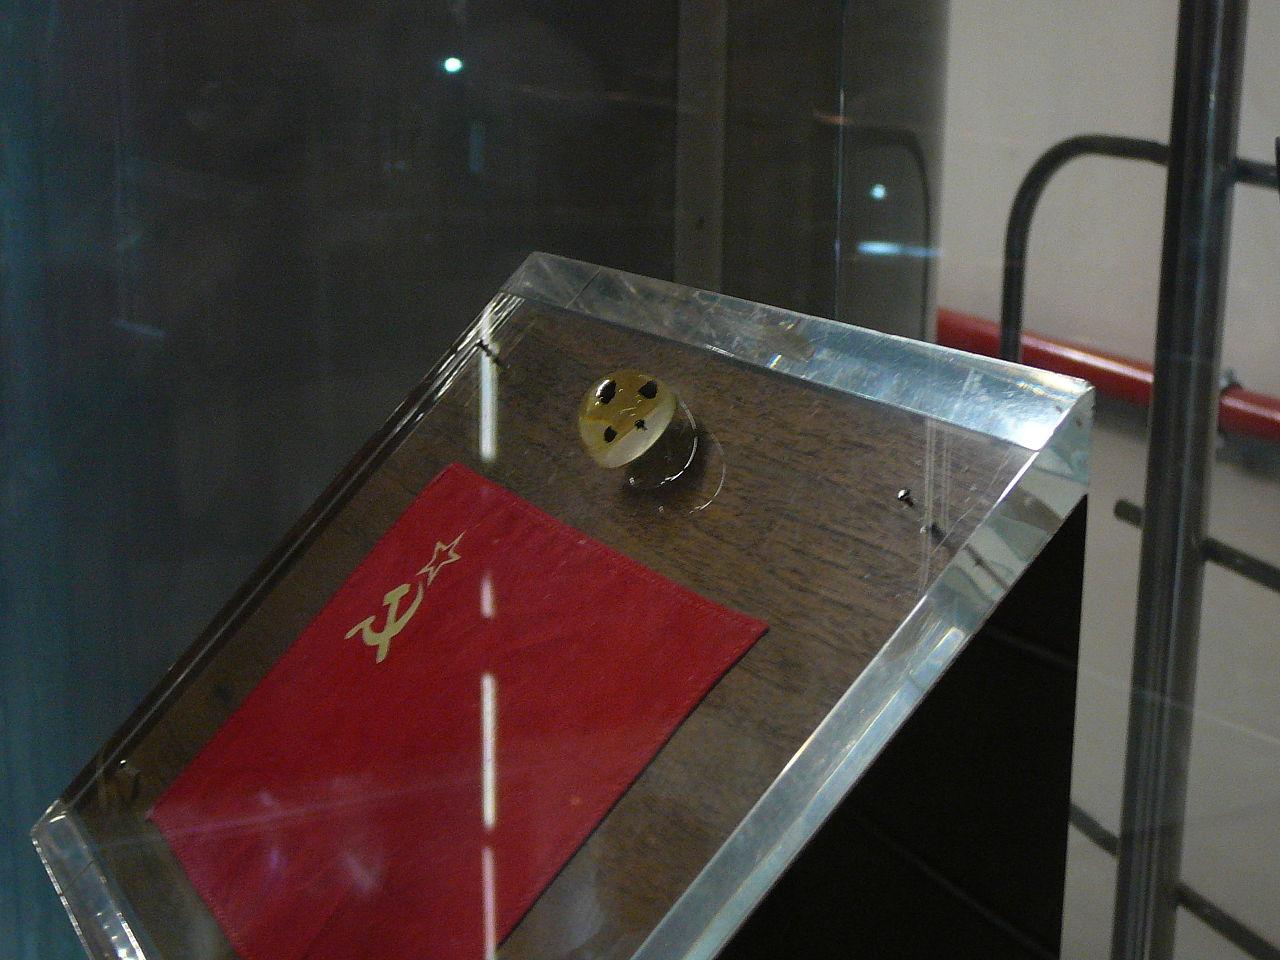 พิพิธภัณฑ์อวกาศมอสโก-ธง